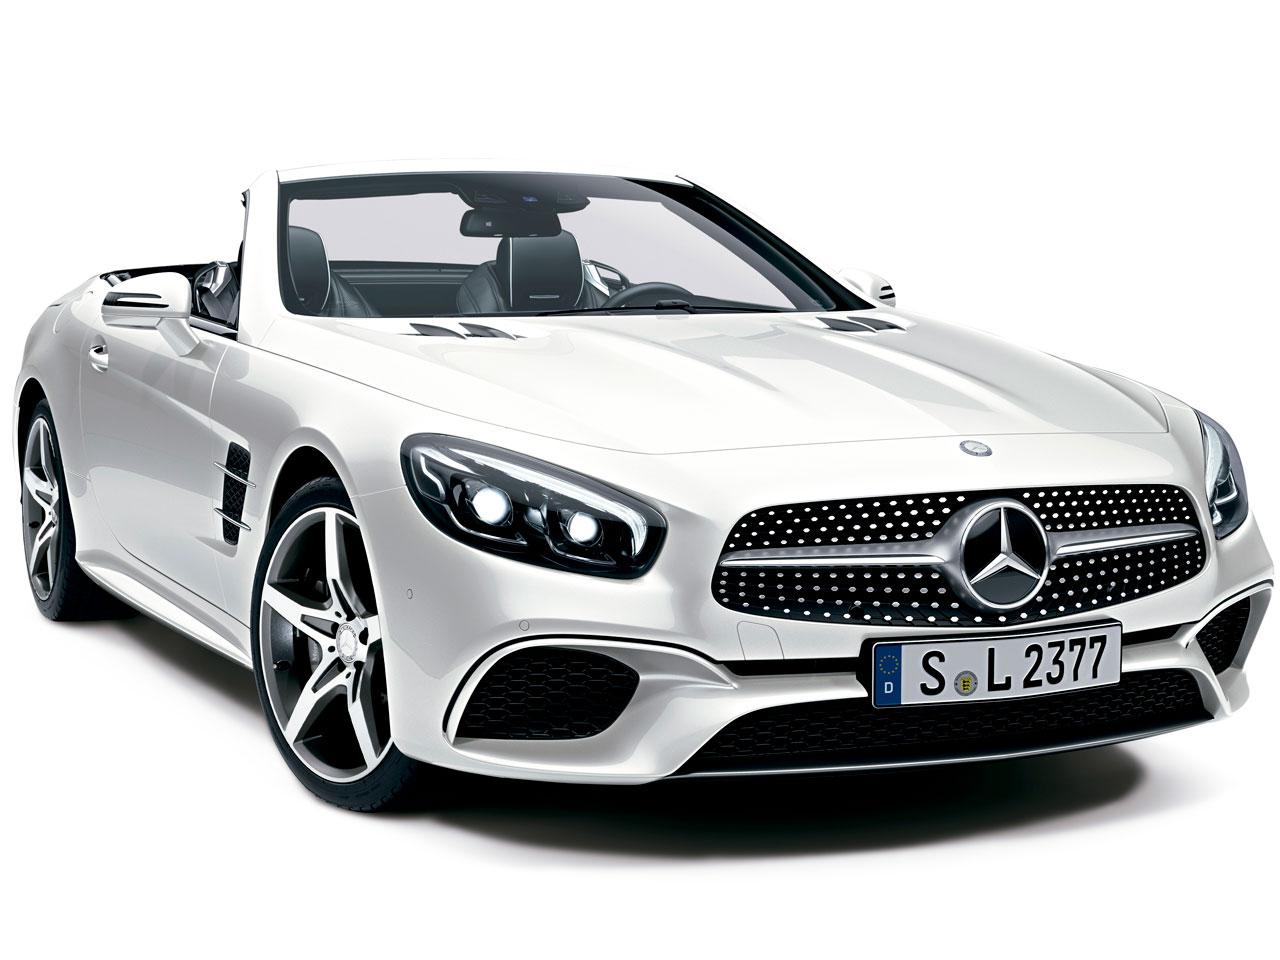 メルセデス・ベンツ SLクラス 2012年モデル 新車画像